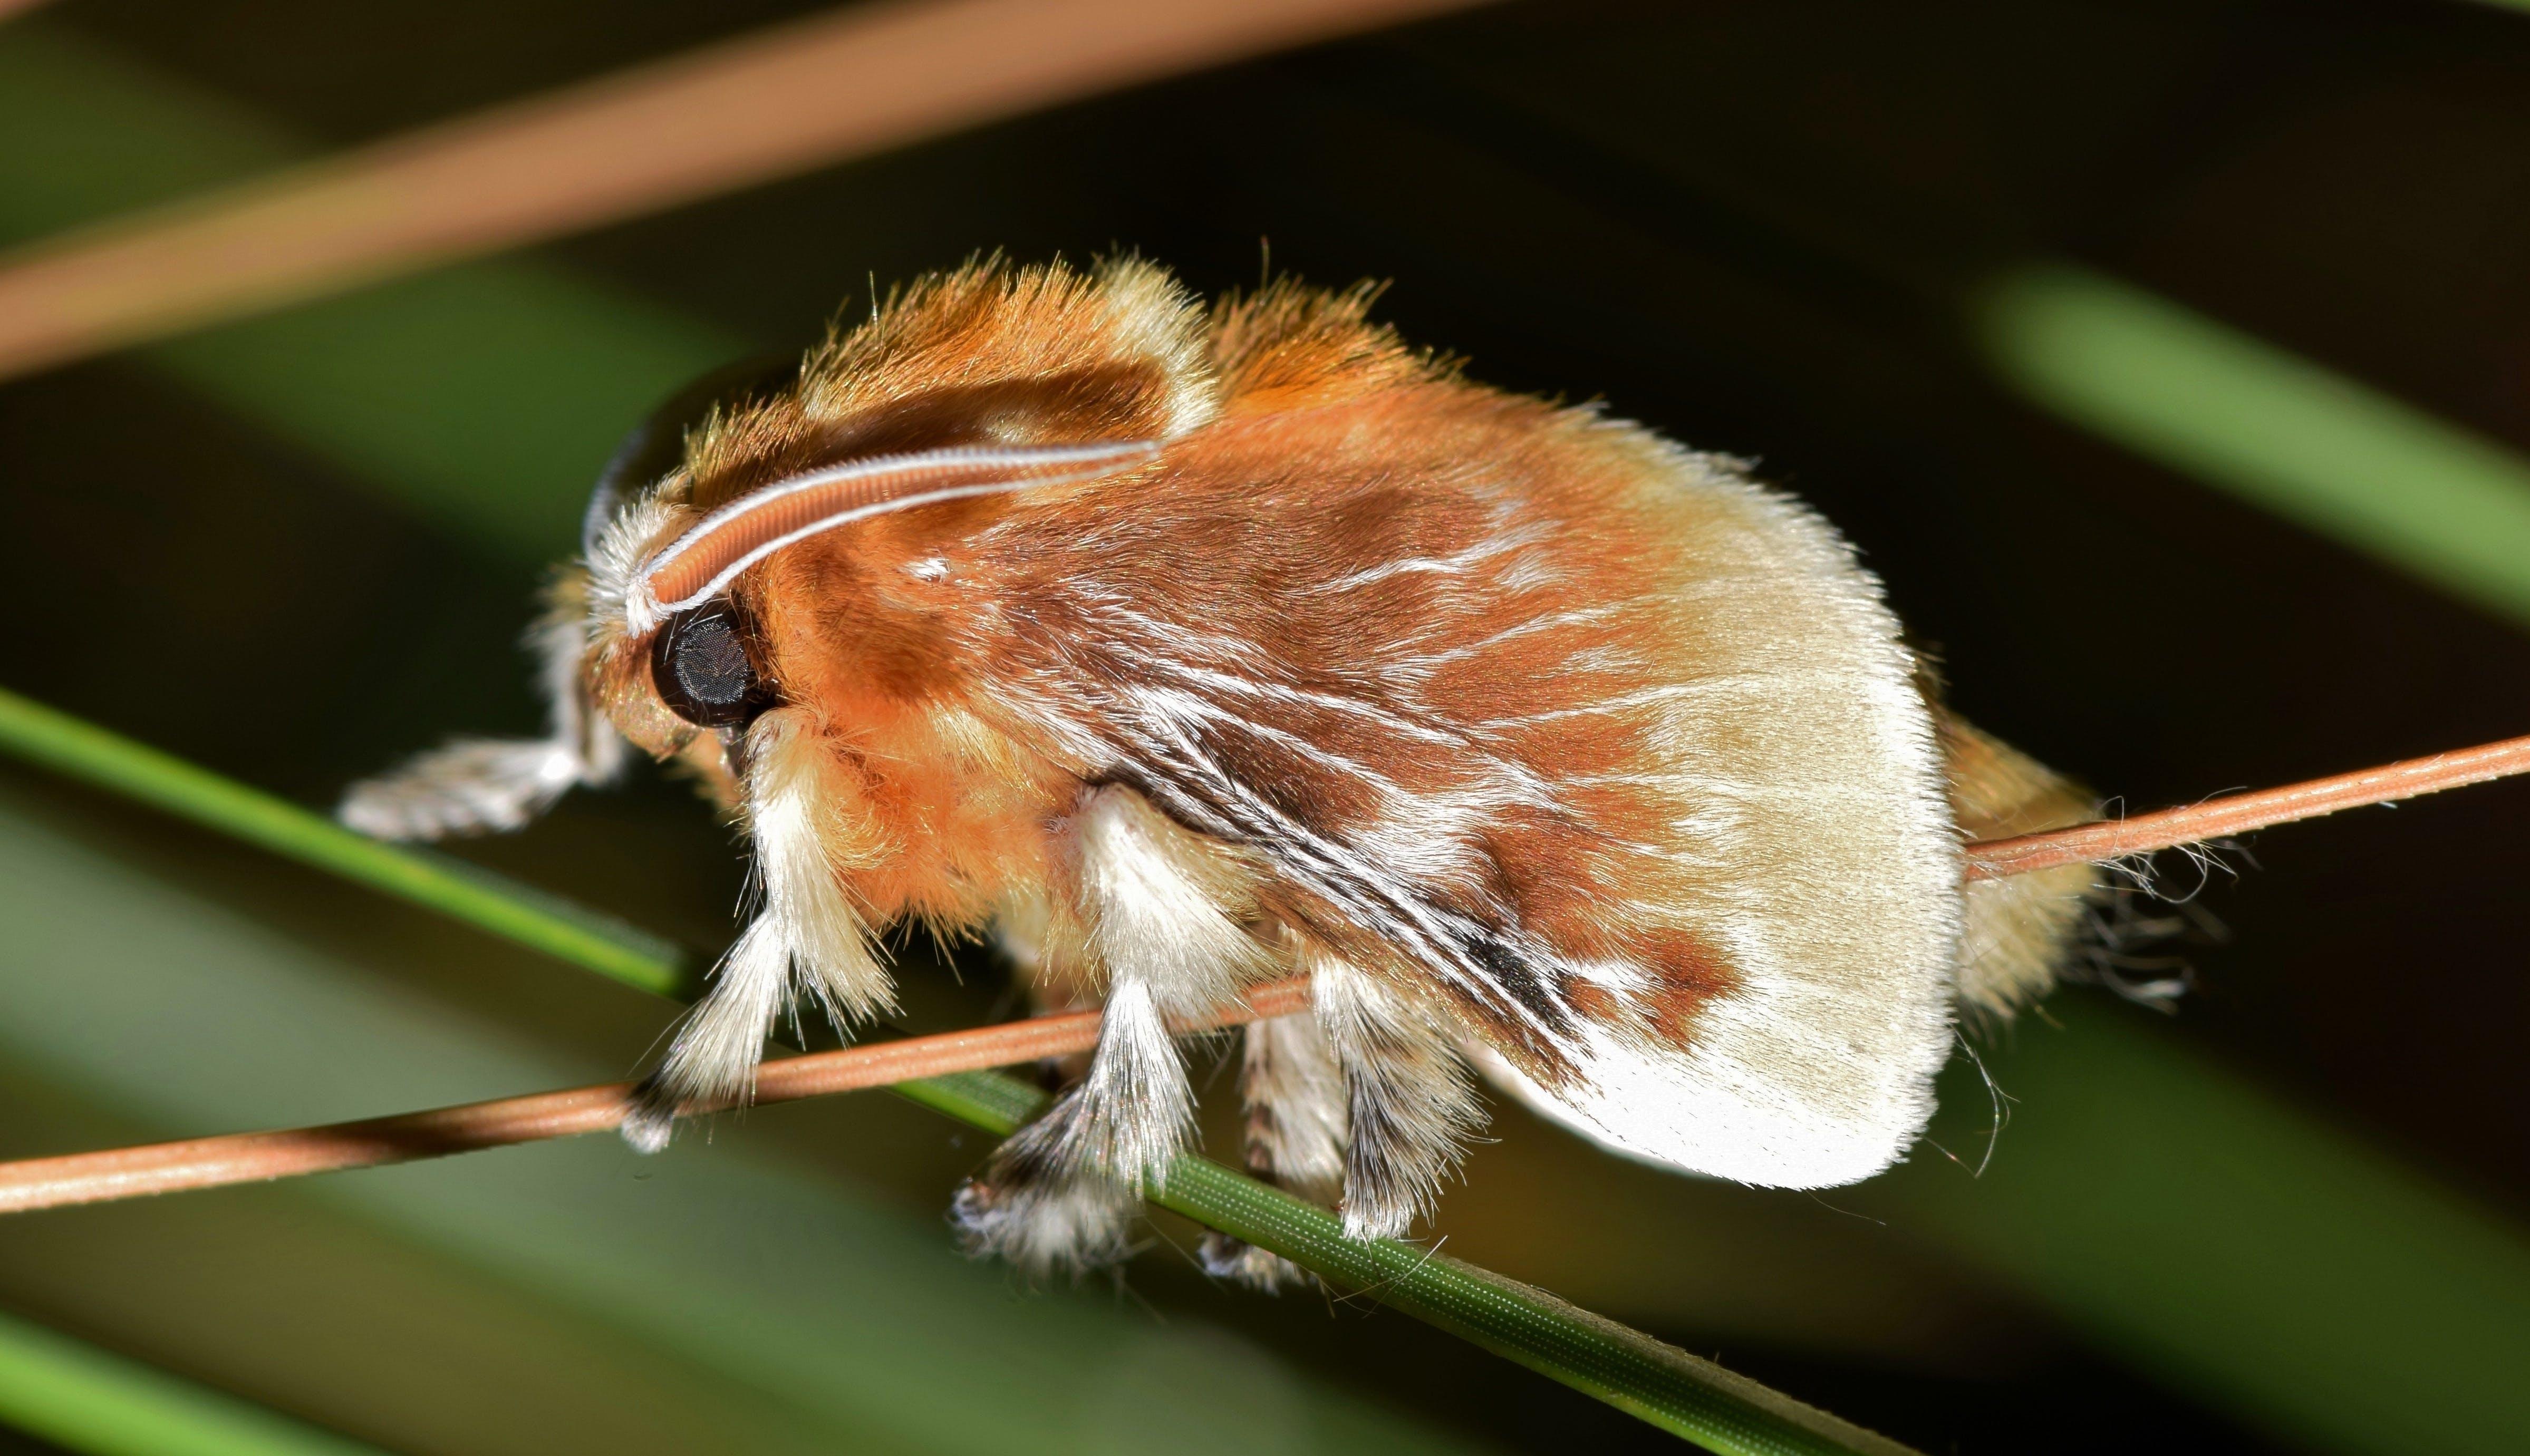 Brown Tussock Moth in Tilt Shift Lens